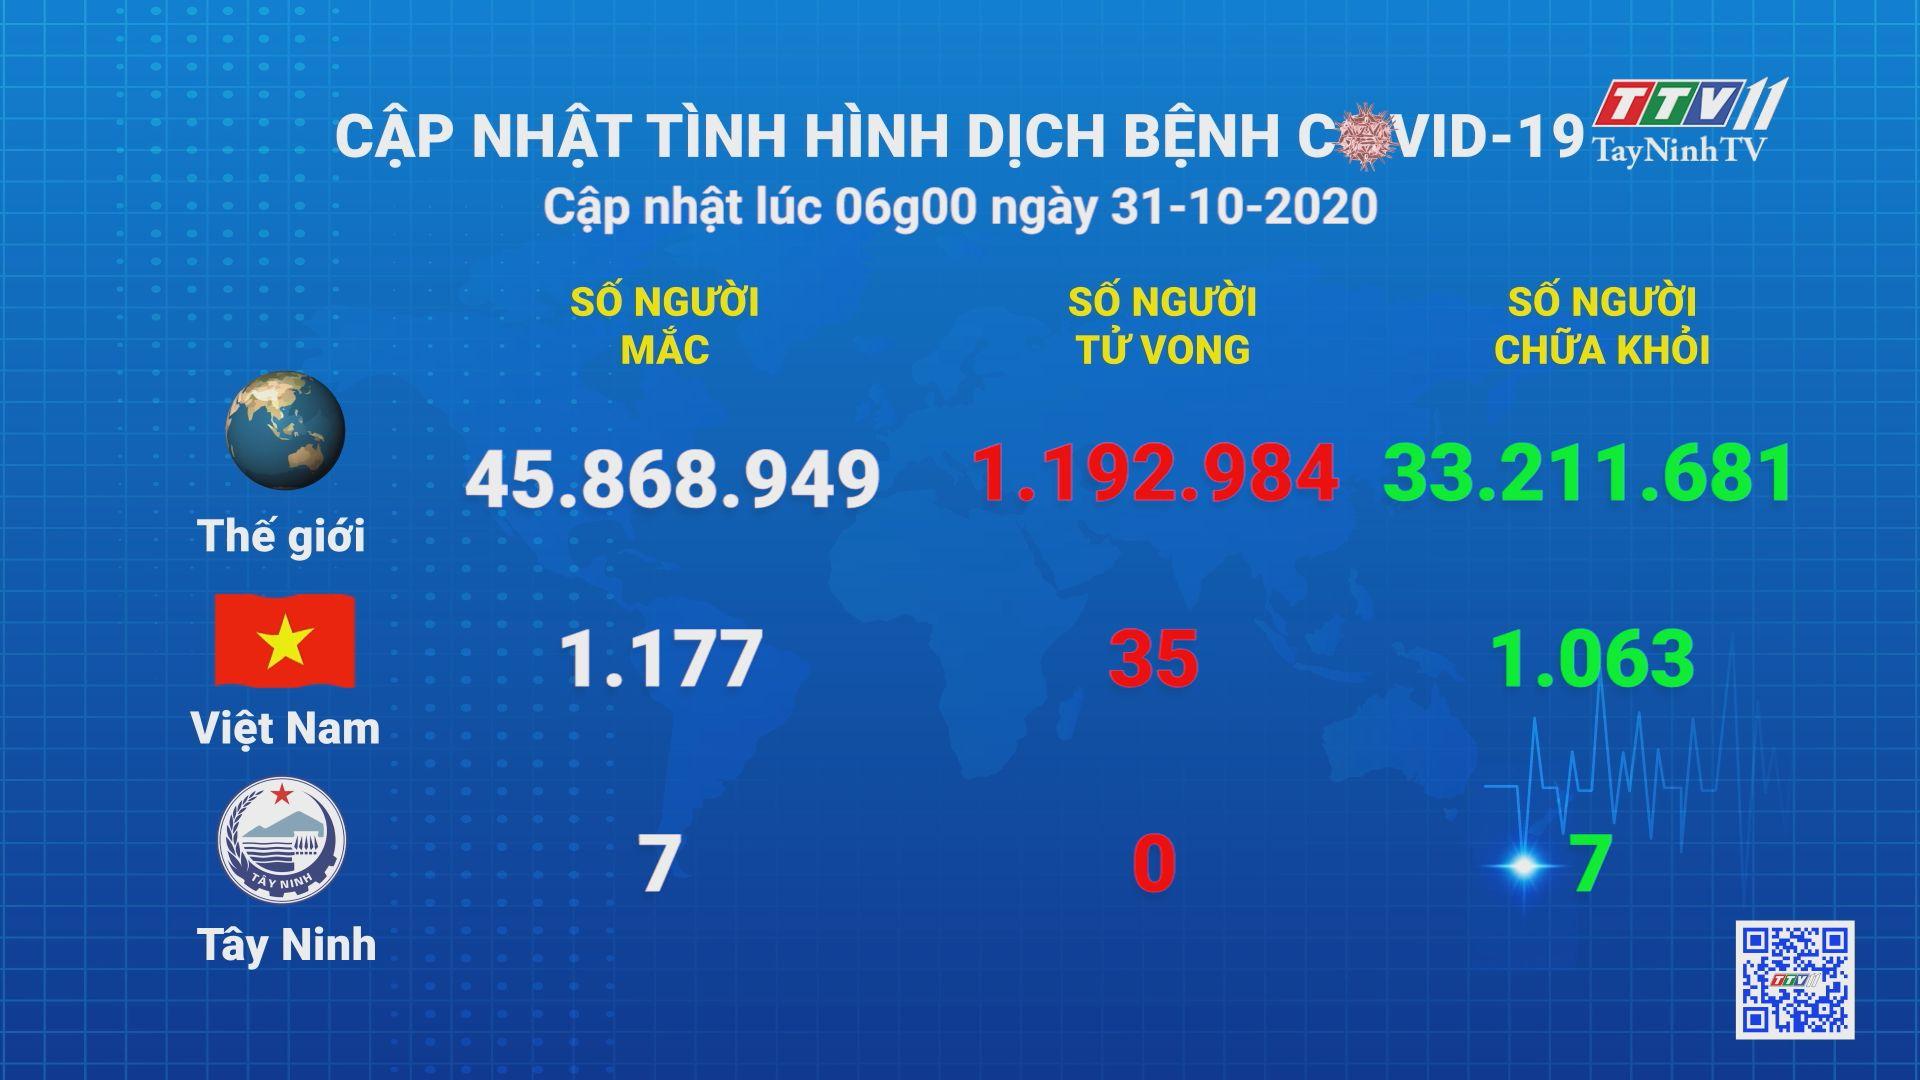 Cập nhật tình hình Covid-19 vào lúc 06 giờ 31-10-2020 | Thông tin dịch Covid-19 | TayNinhT